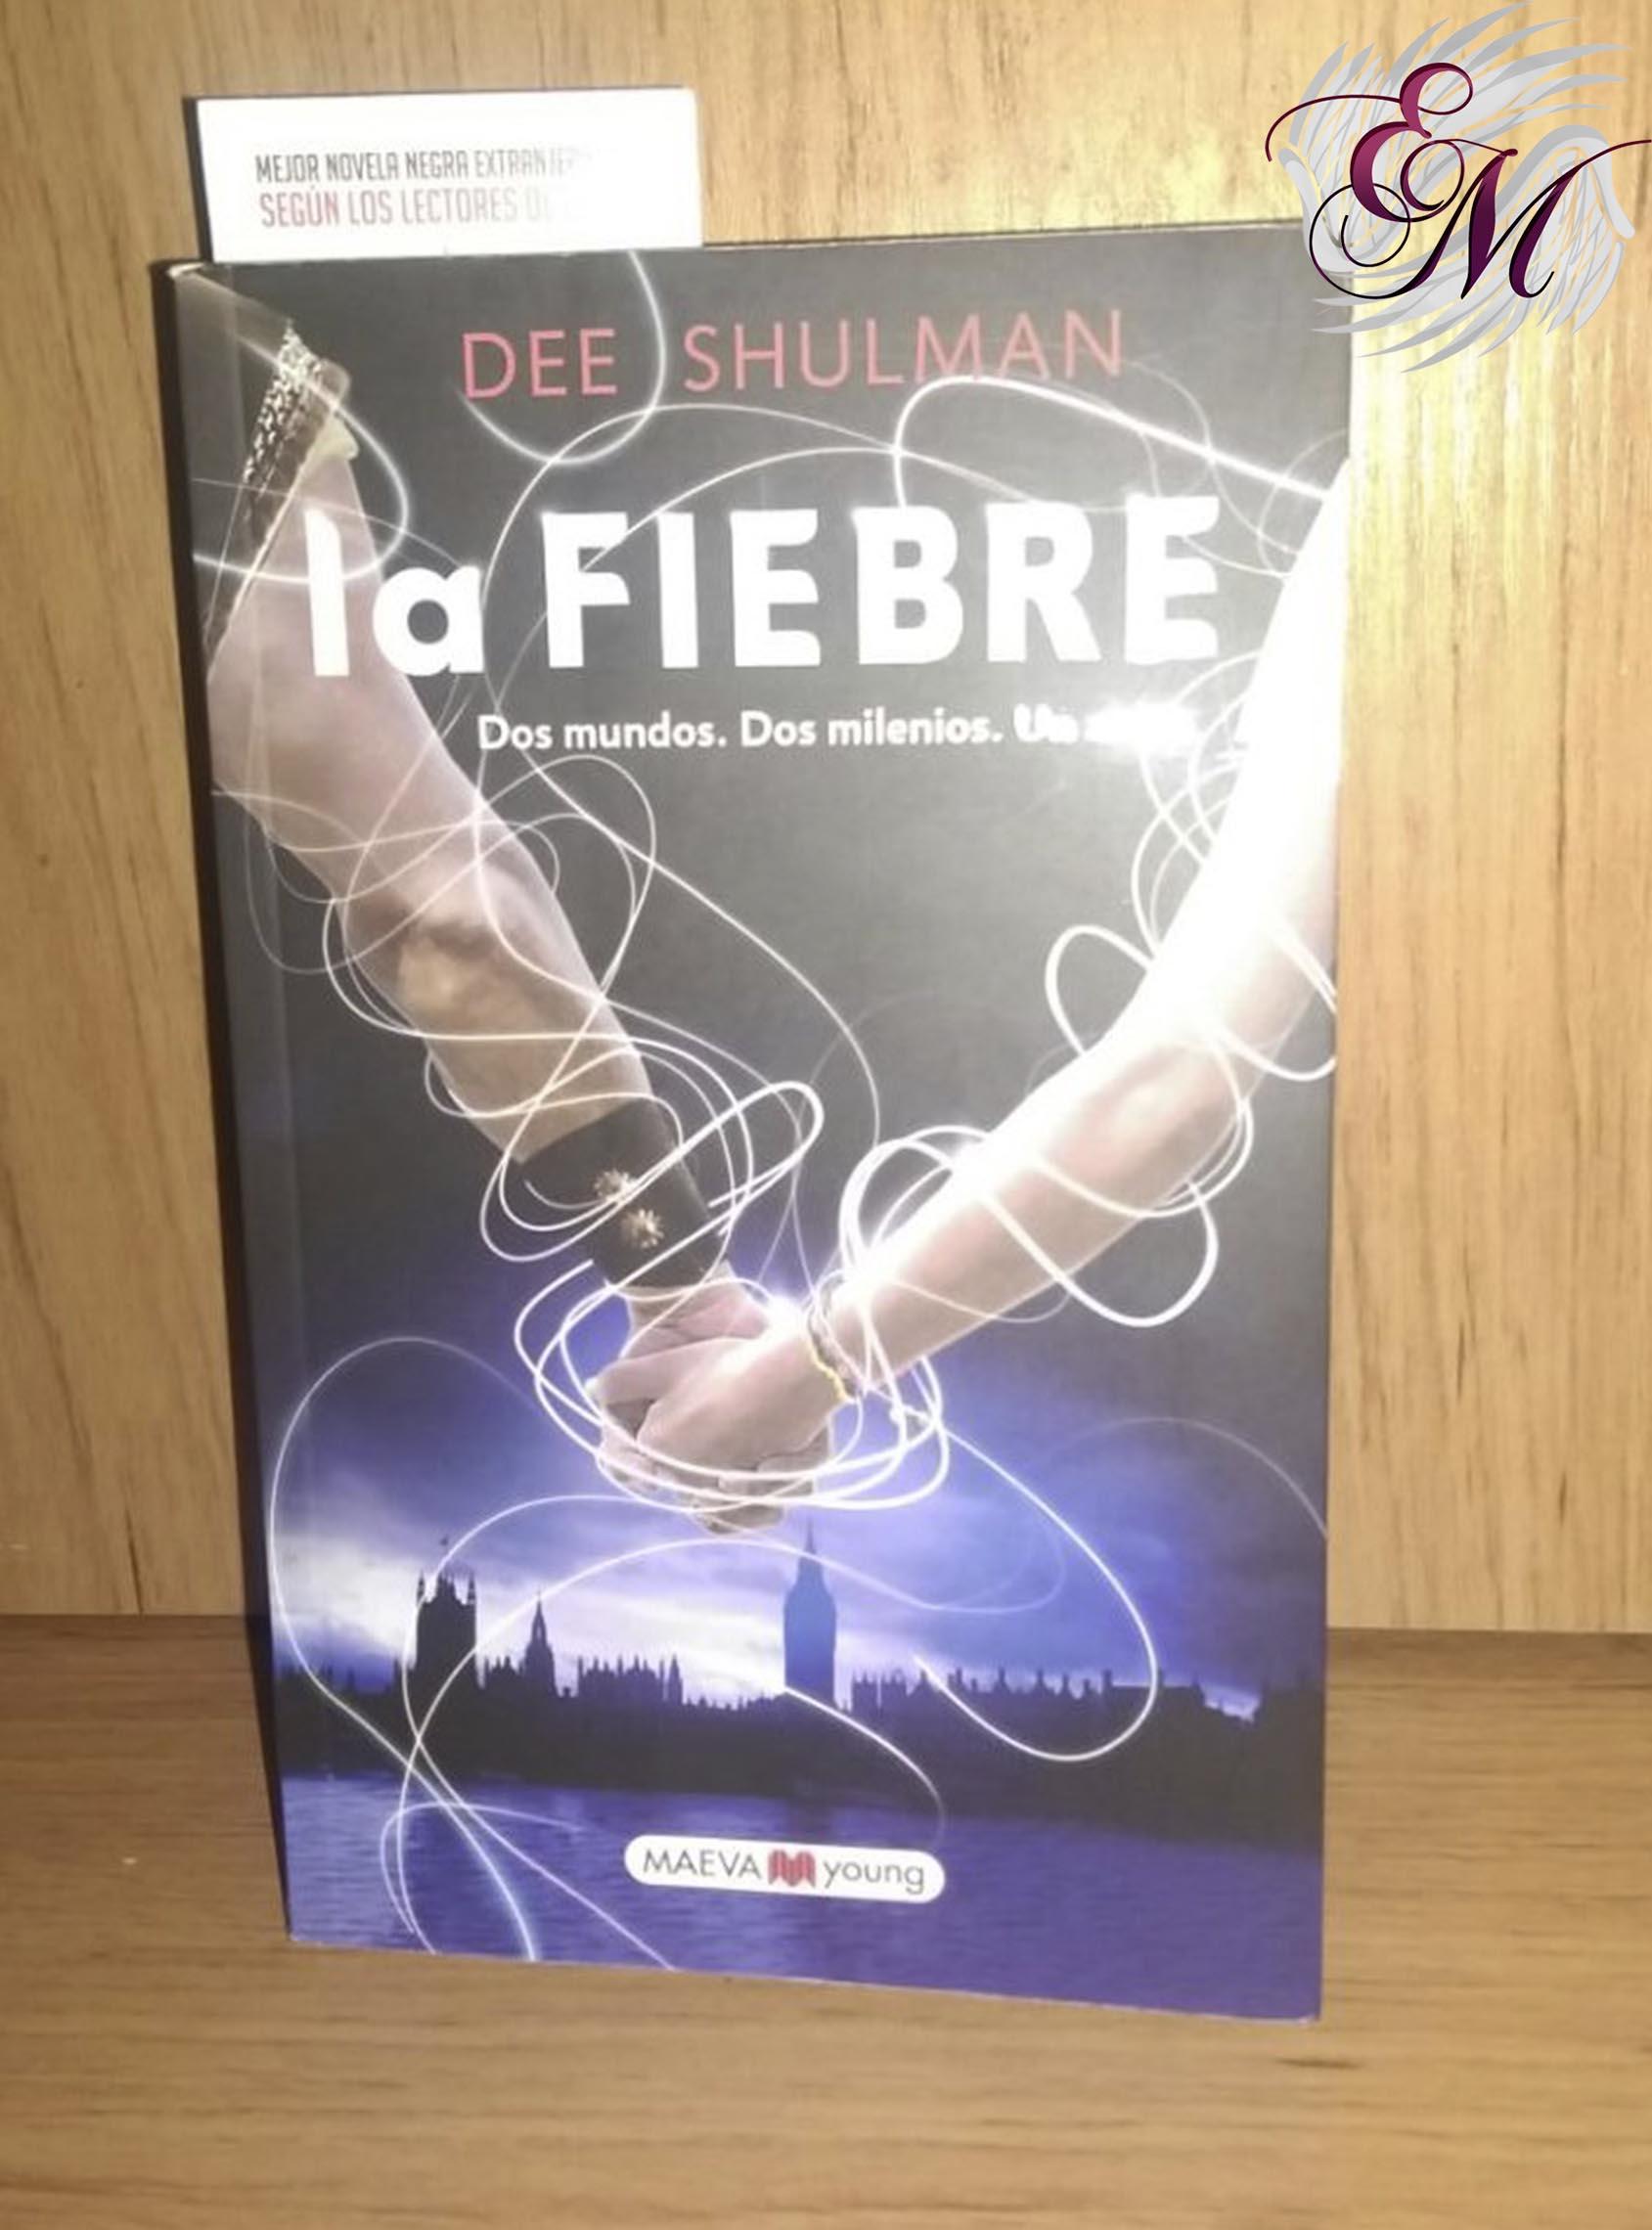 La fiebre, de Dee Shulman - Reseña